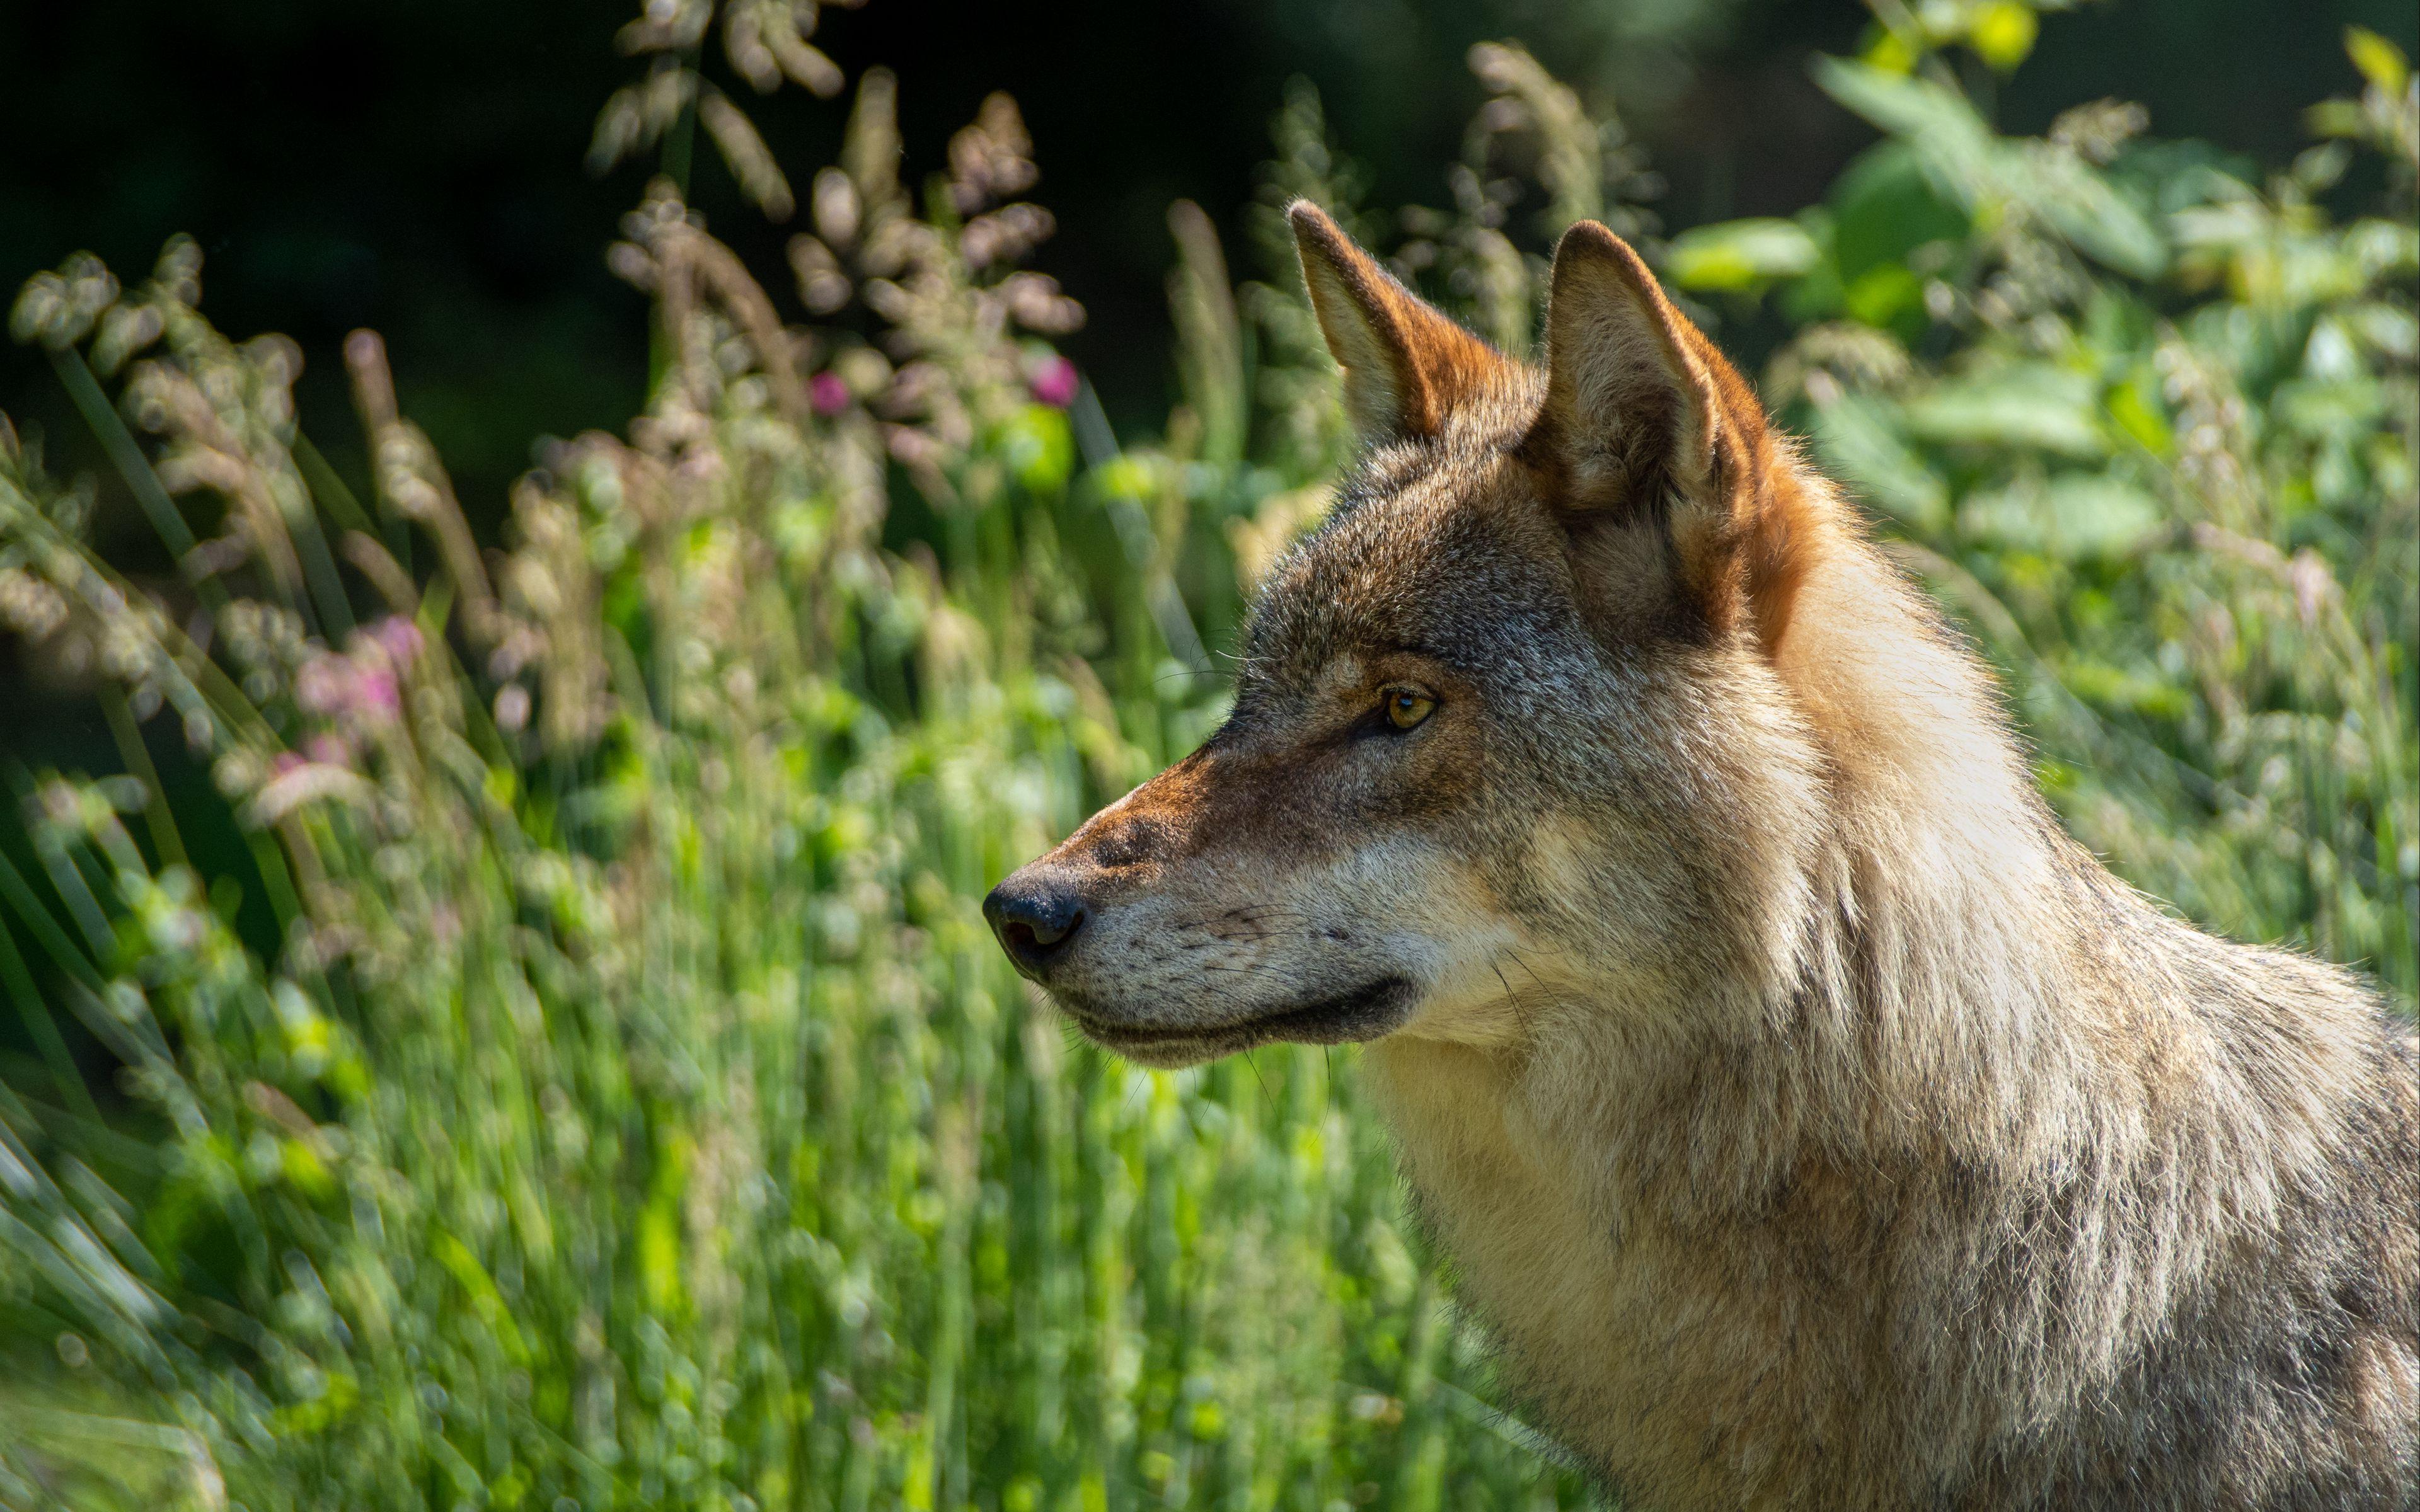 Fondos de pantalla Lobo en el campo